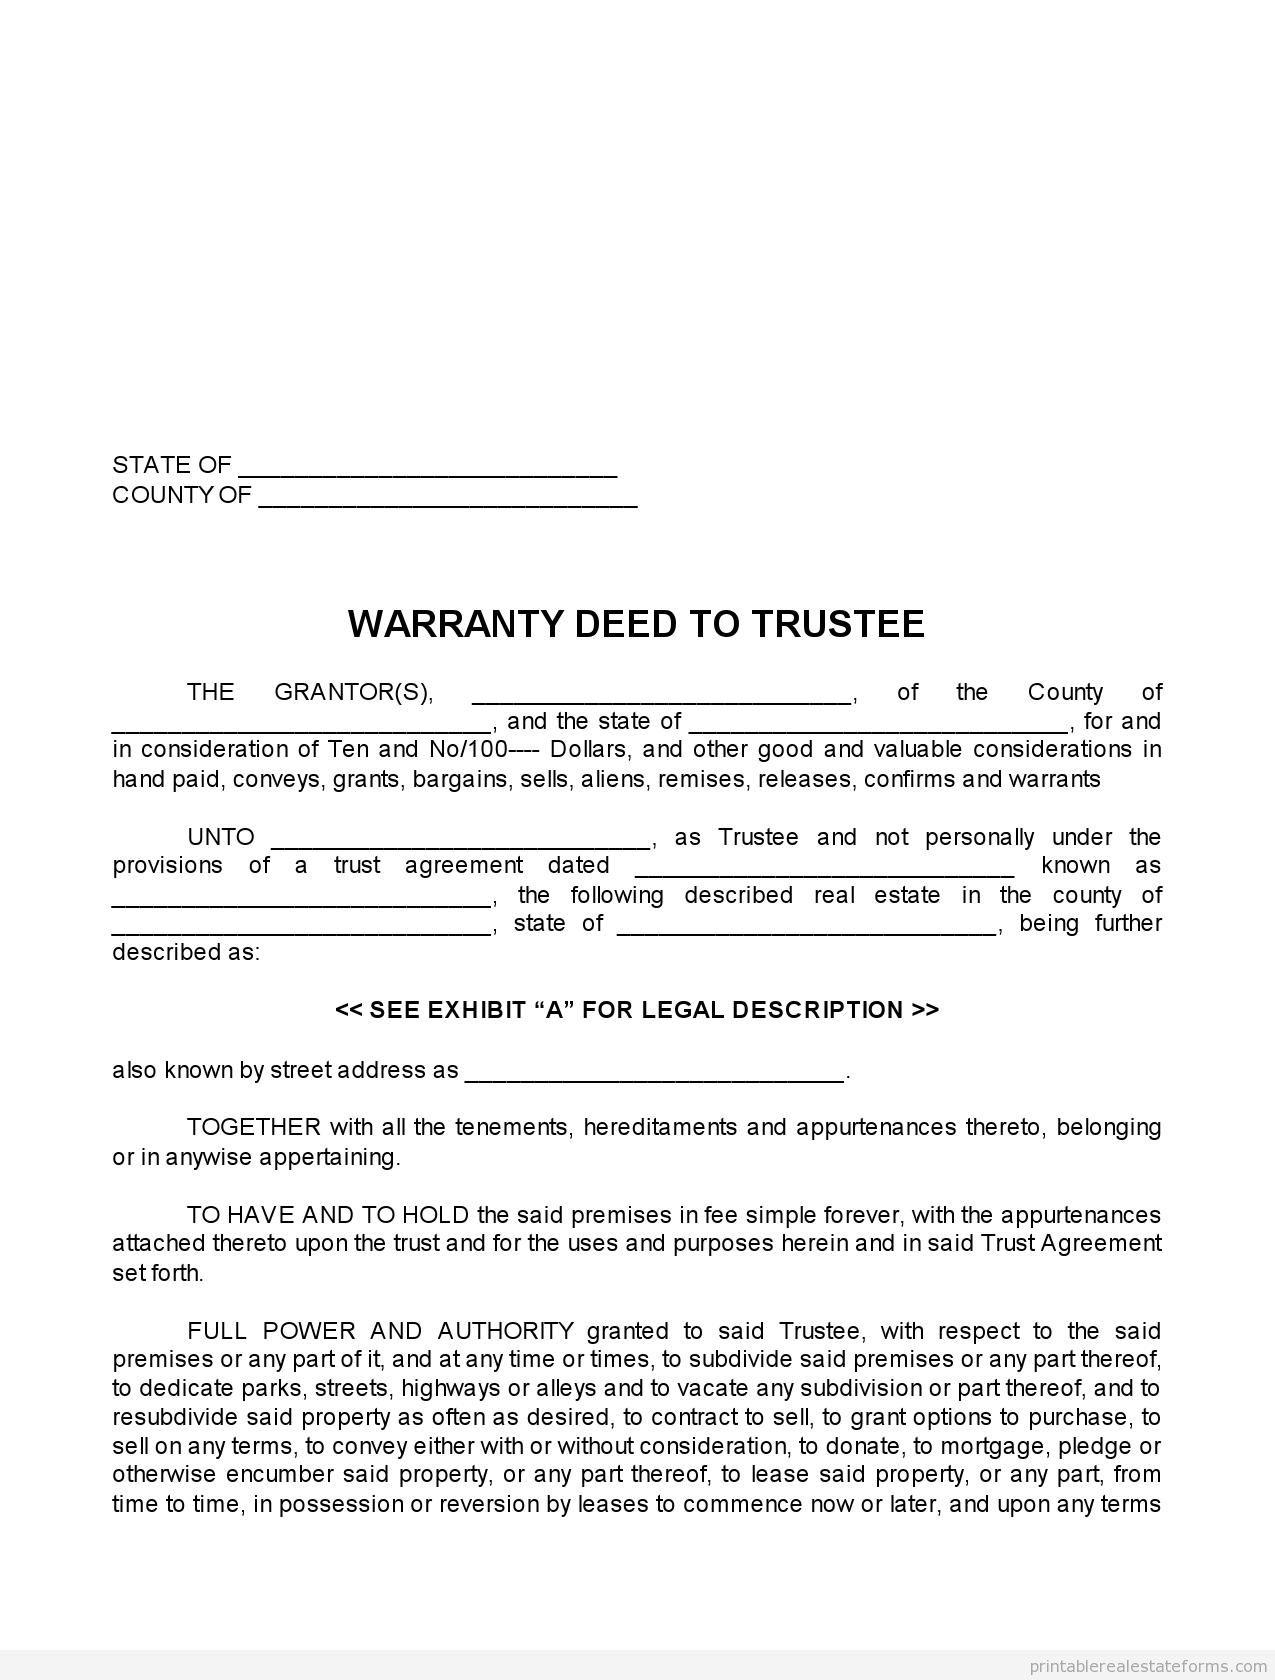 warranty deed form template